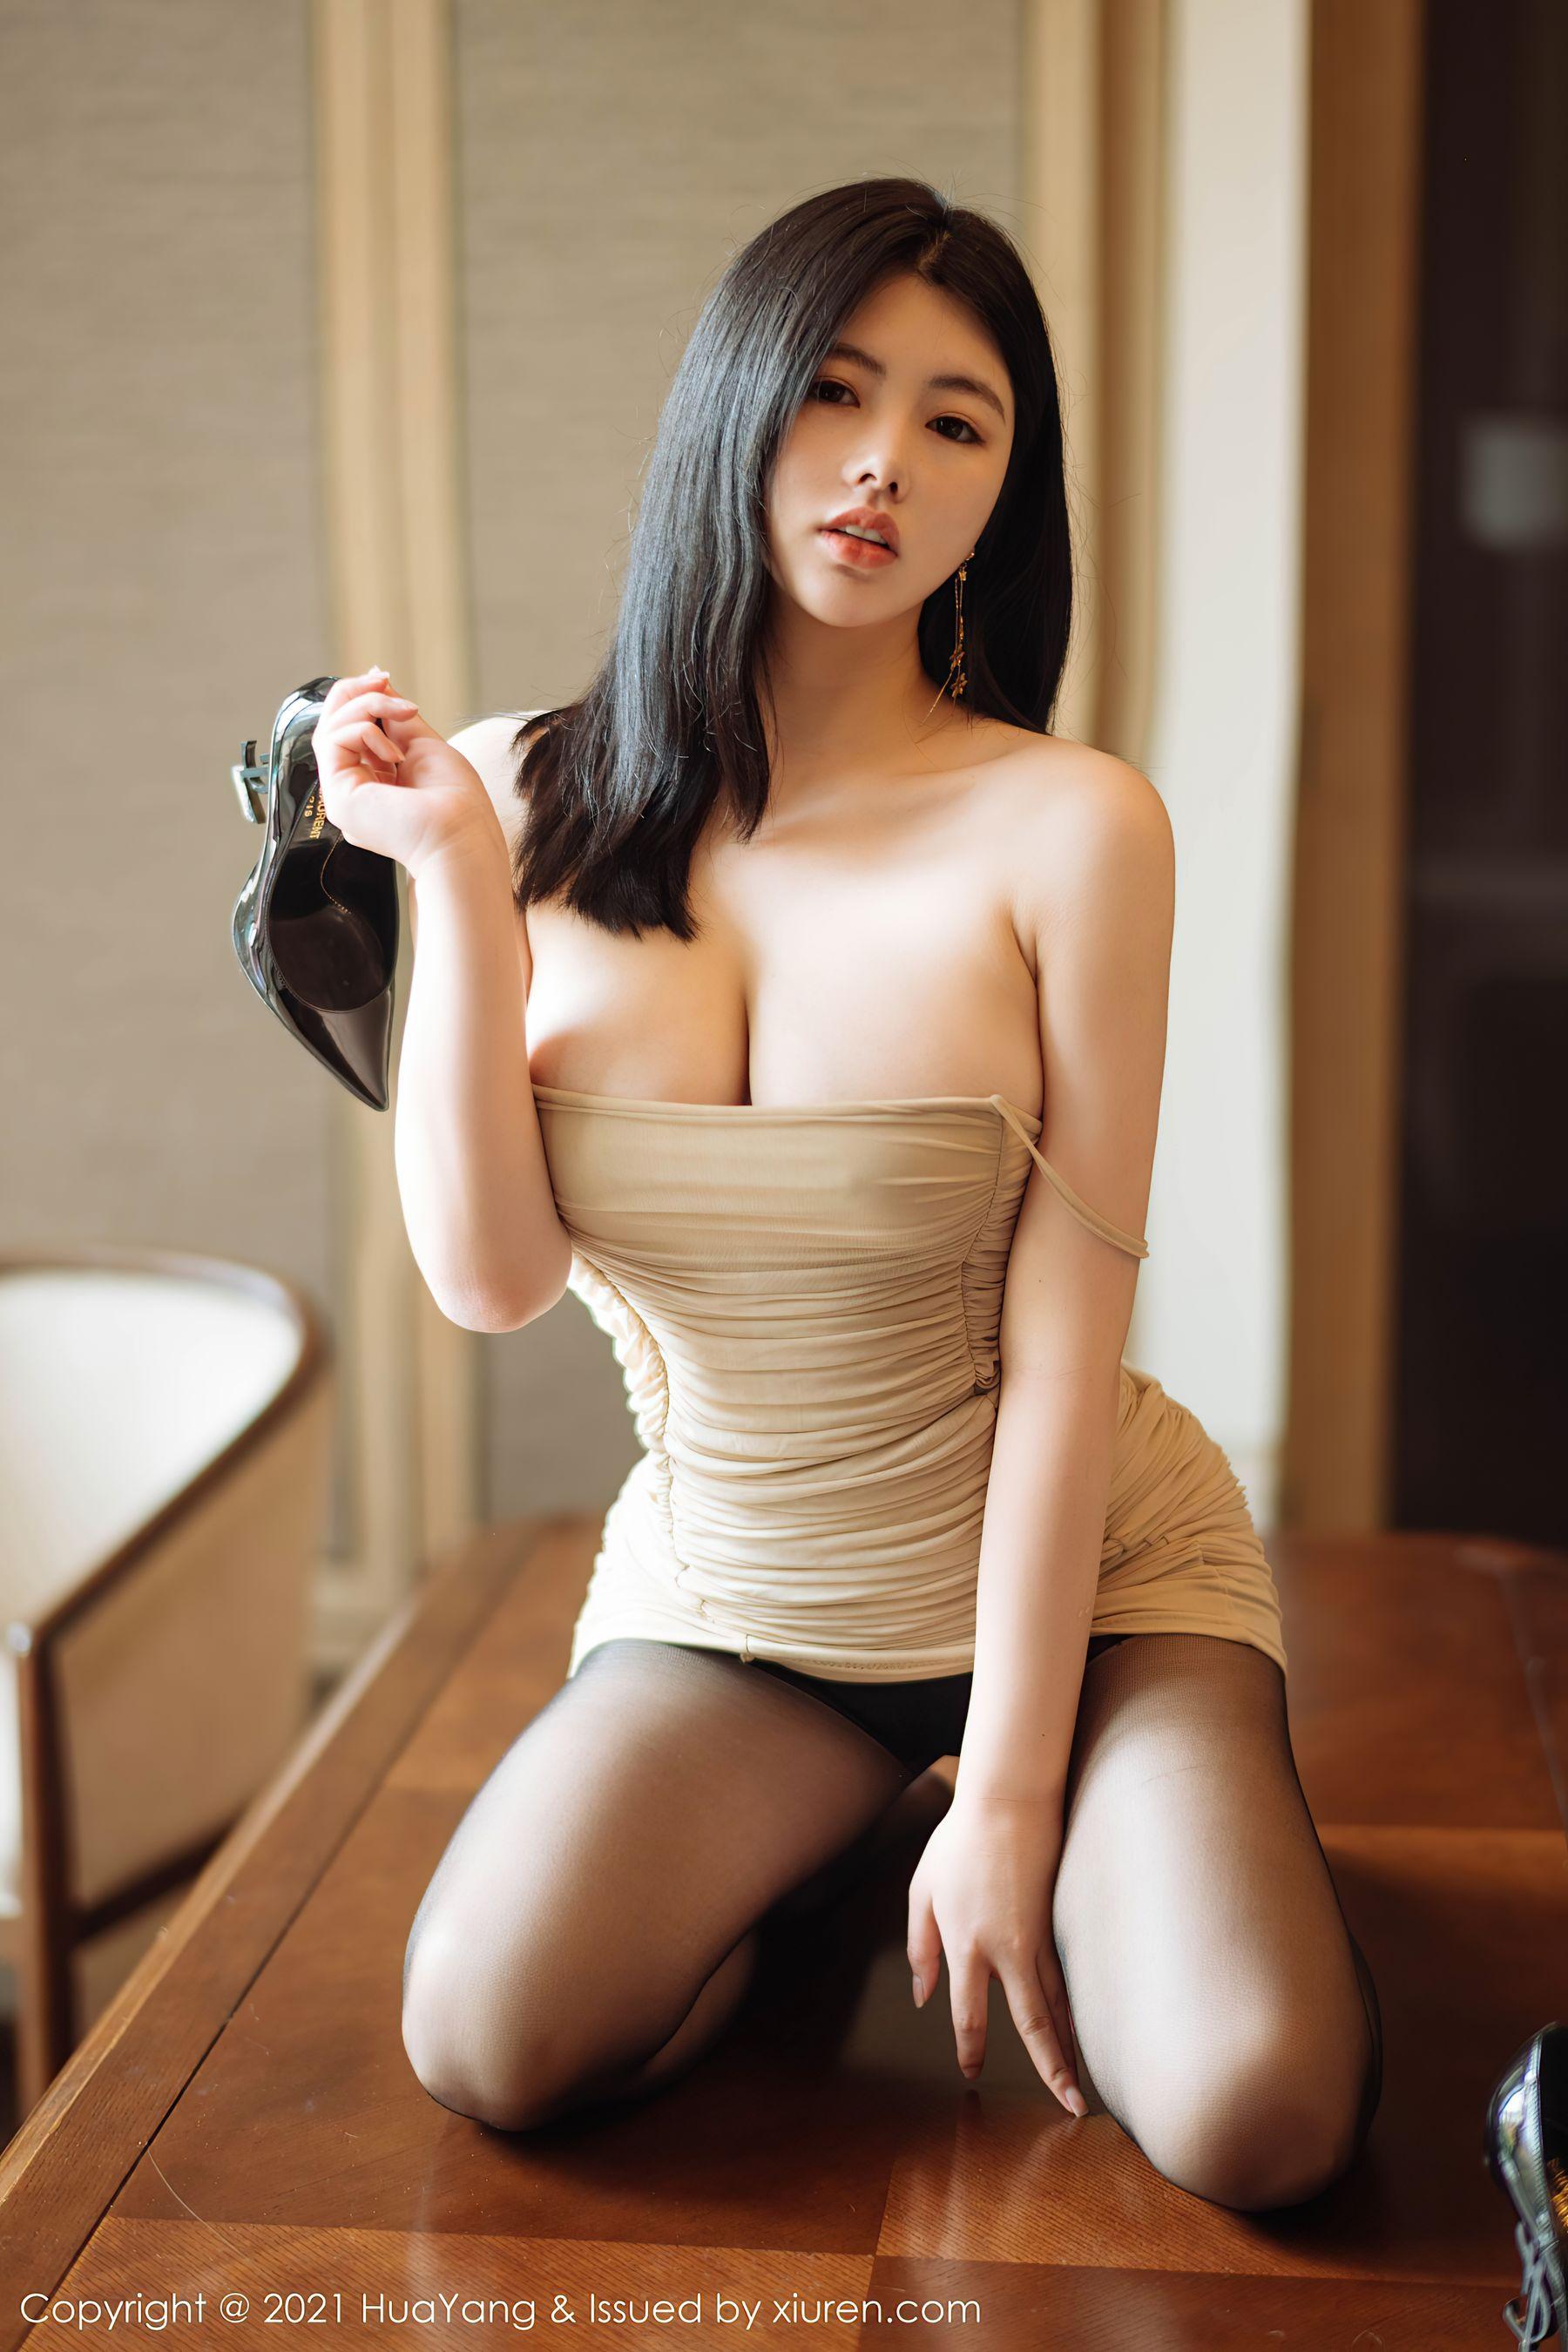 VOL.42 [花漾]巨乳美乳黑丝诱惑:娜露(娜露Selena)超高清写真套图(53P)